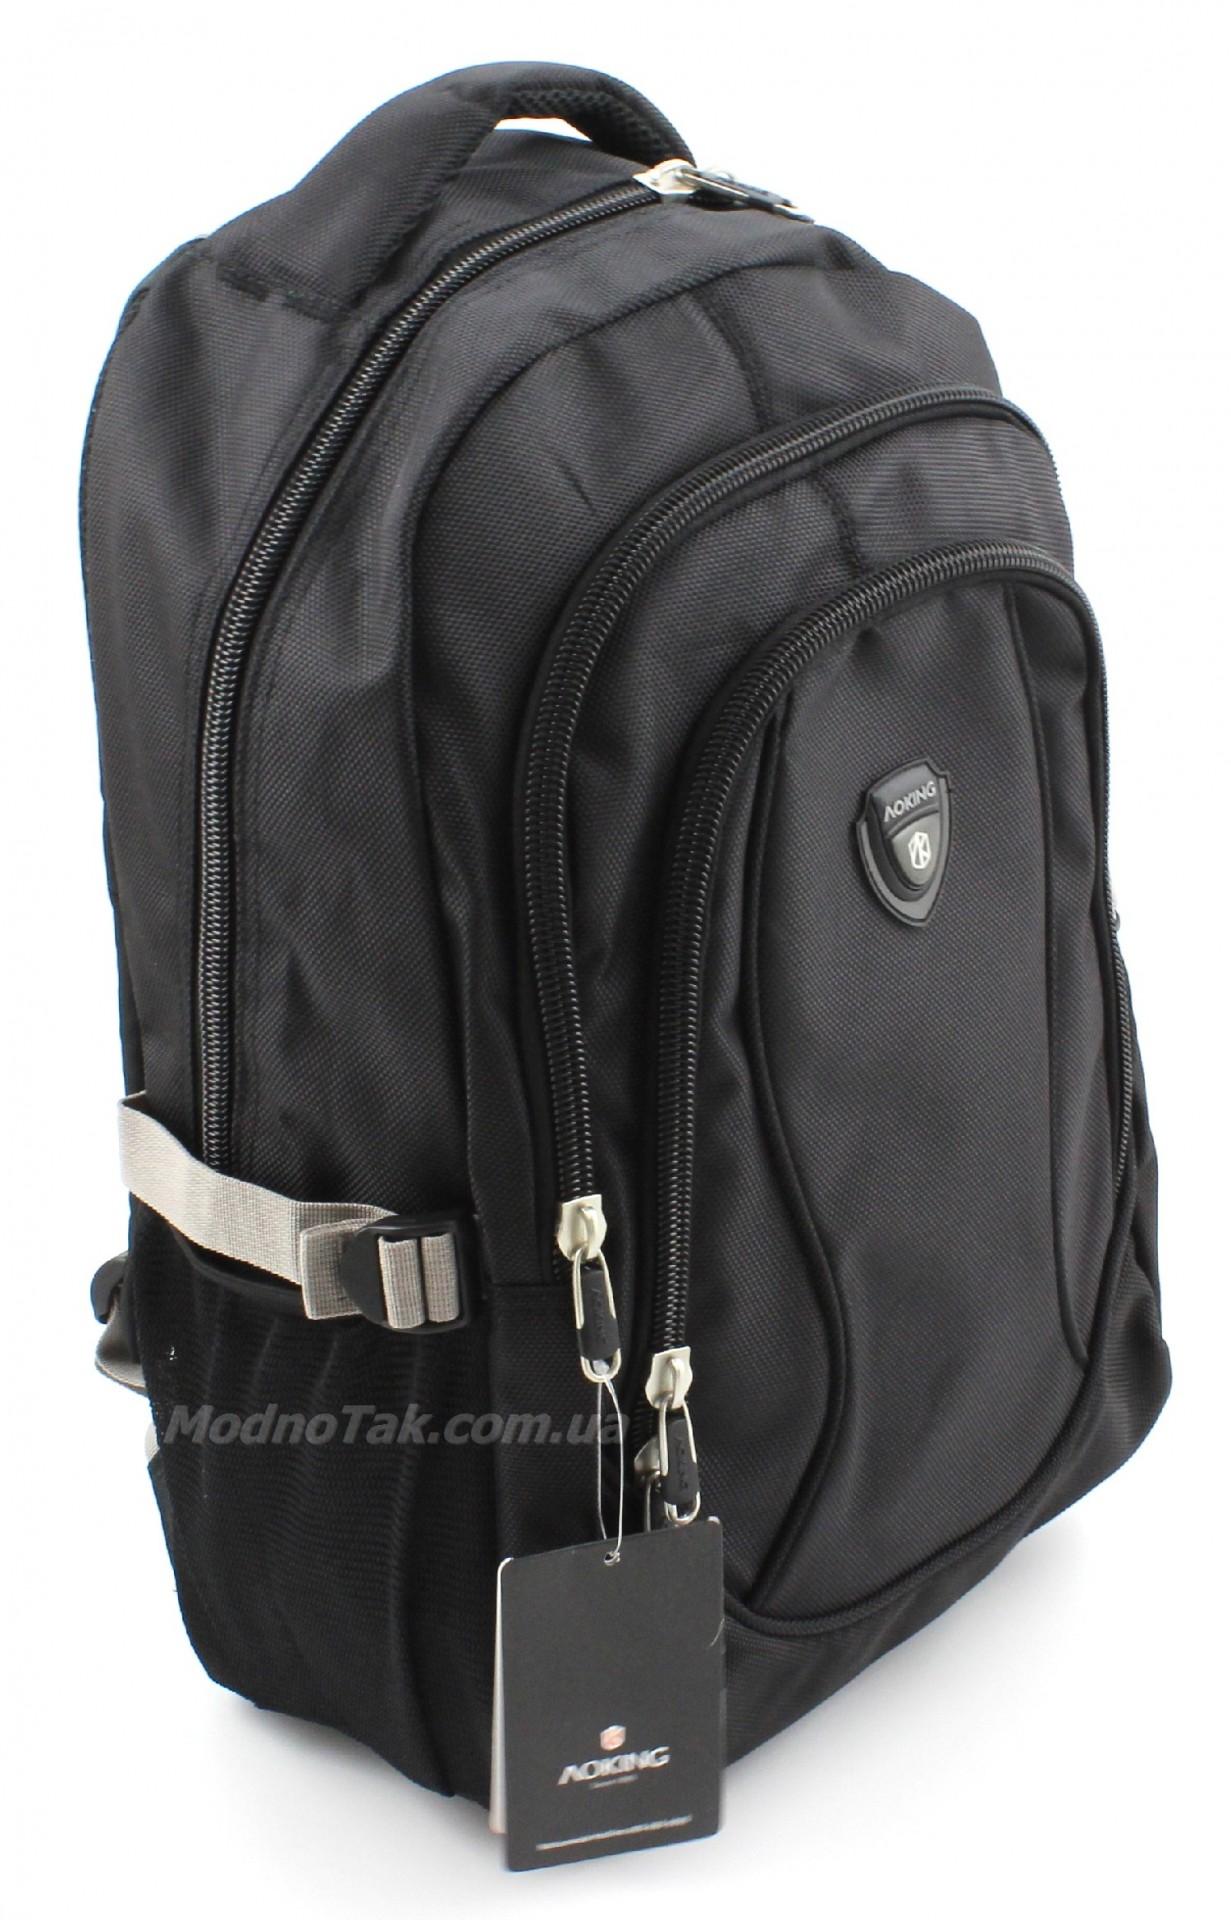 23f9653e Современный очень качественный повседневный городской рюкзак AOKING (10015)